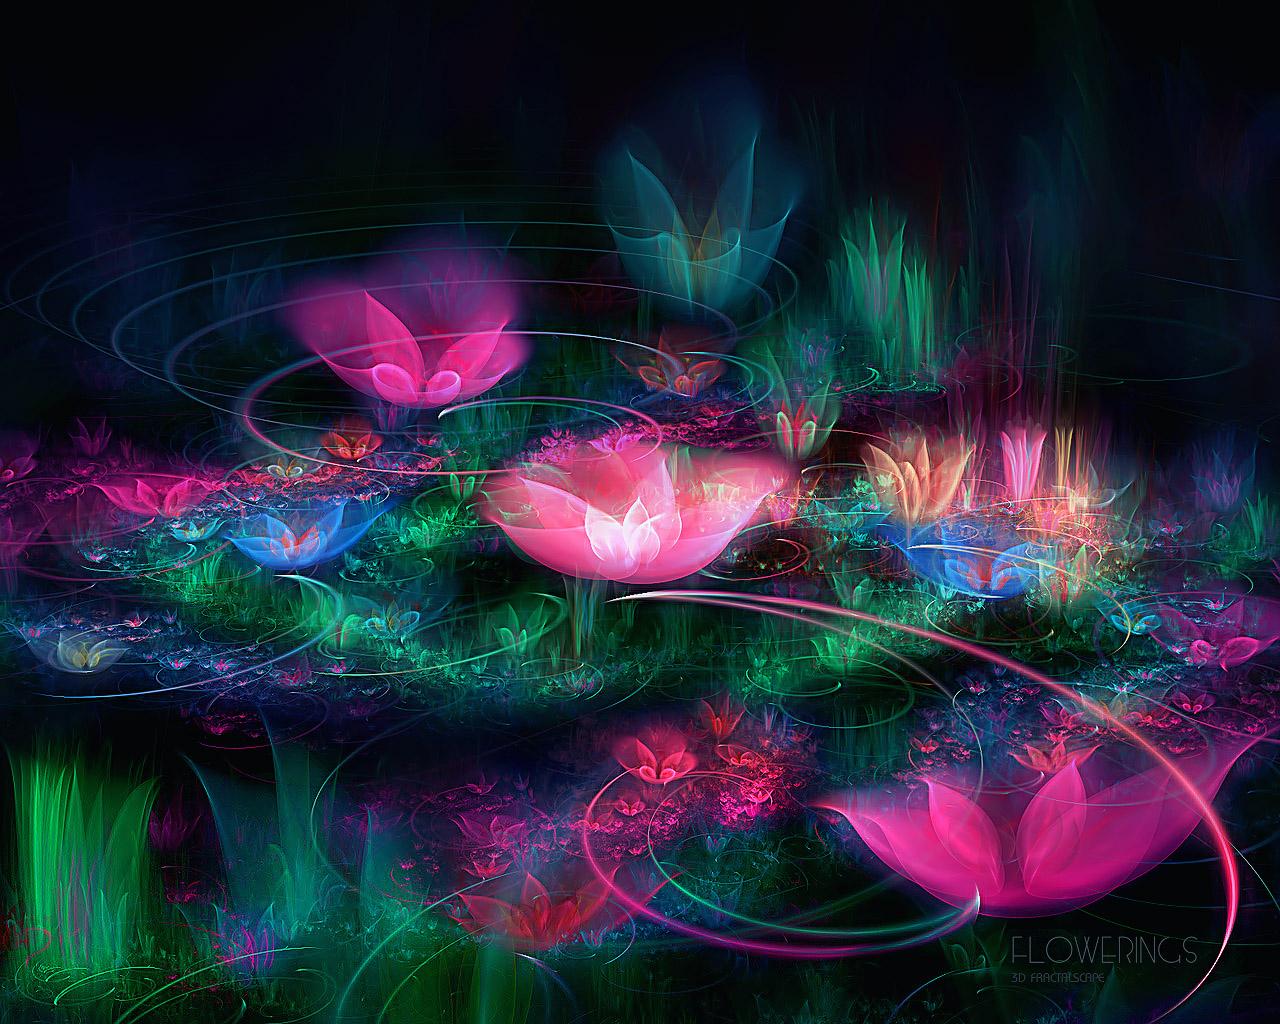 Flowerings 16